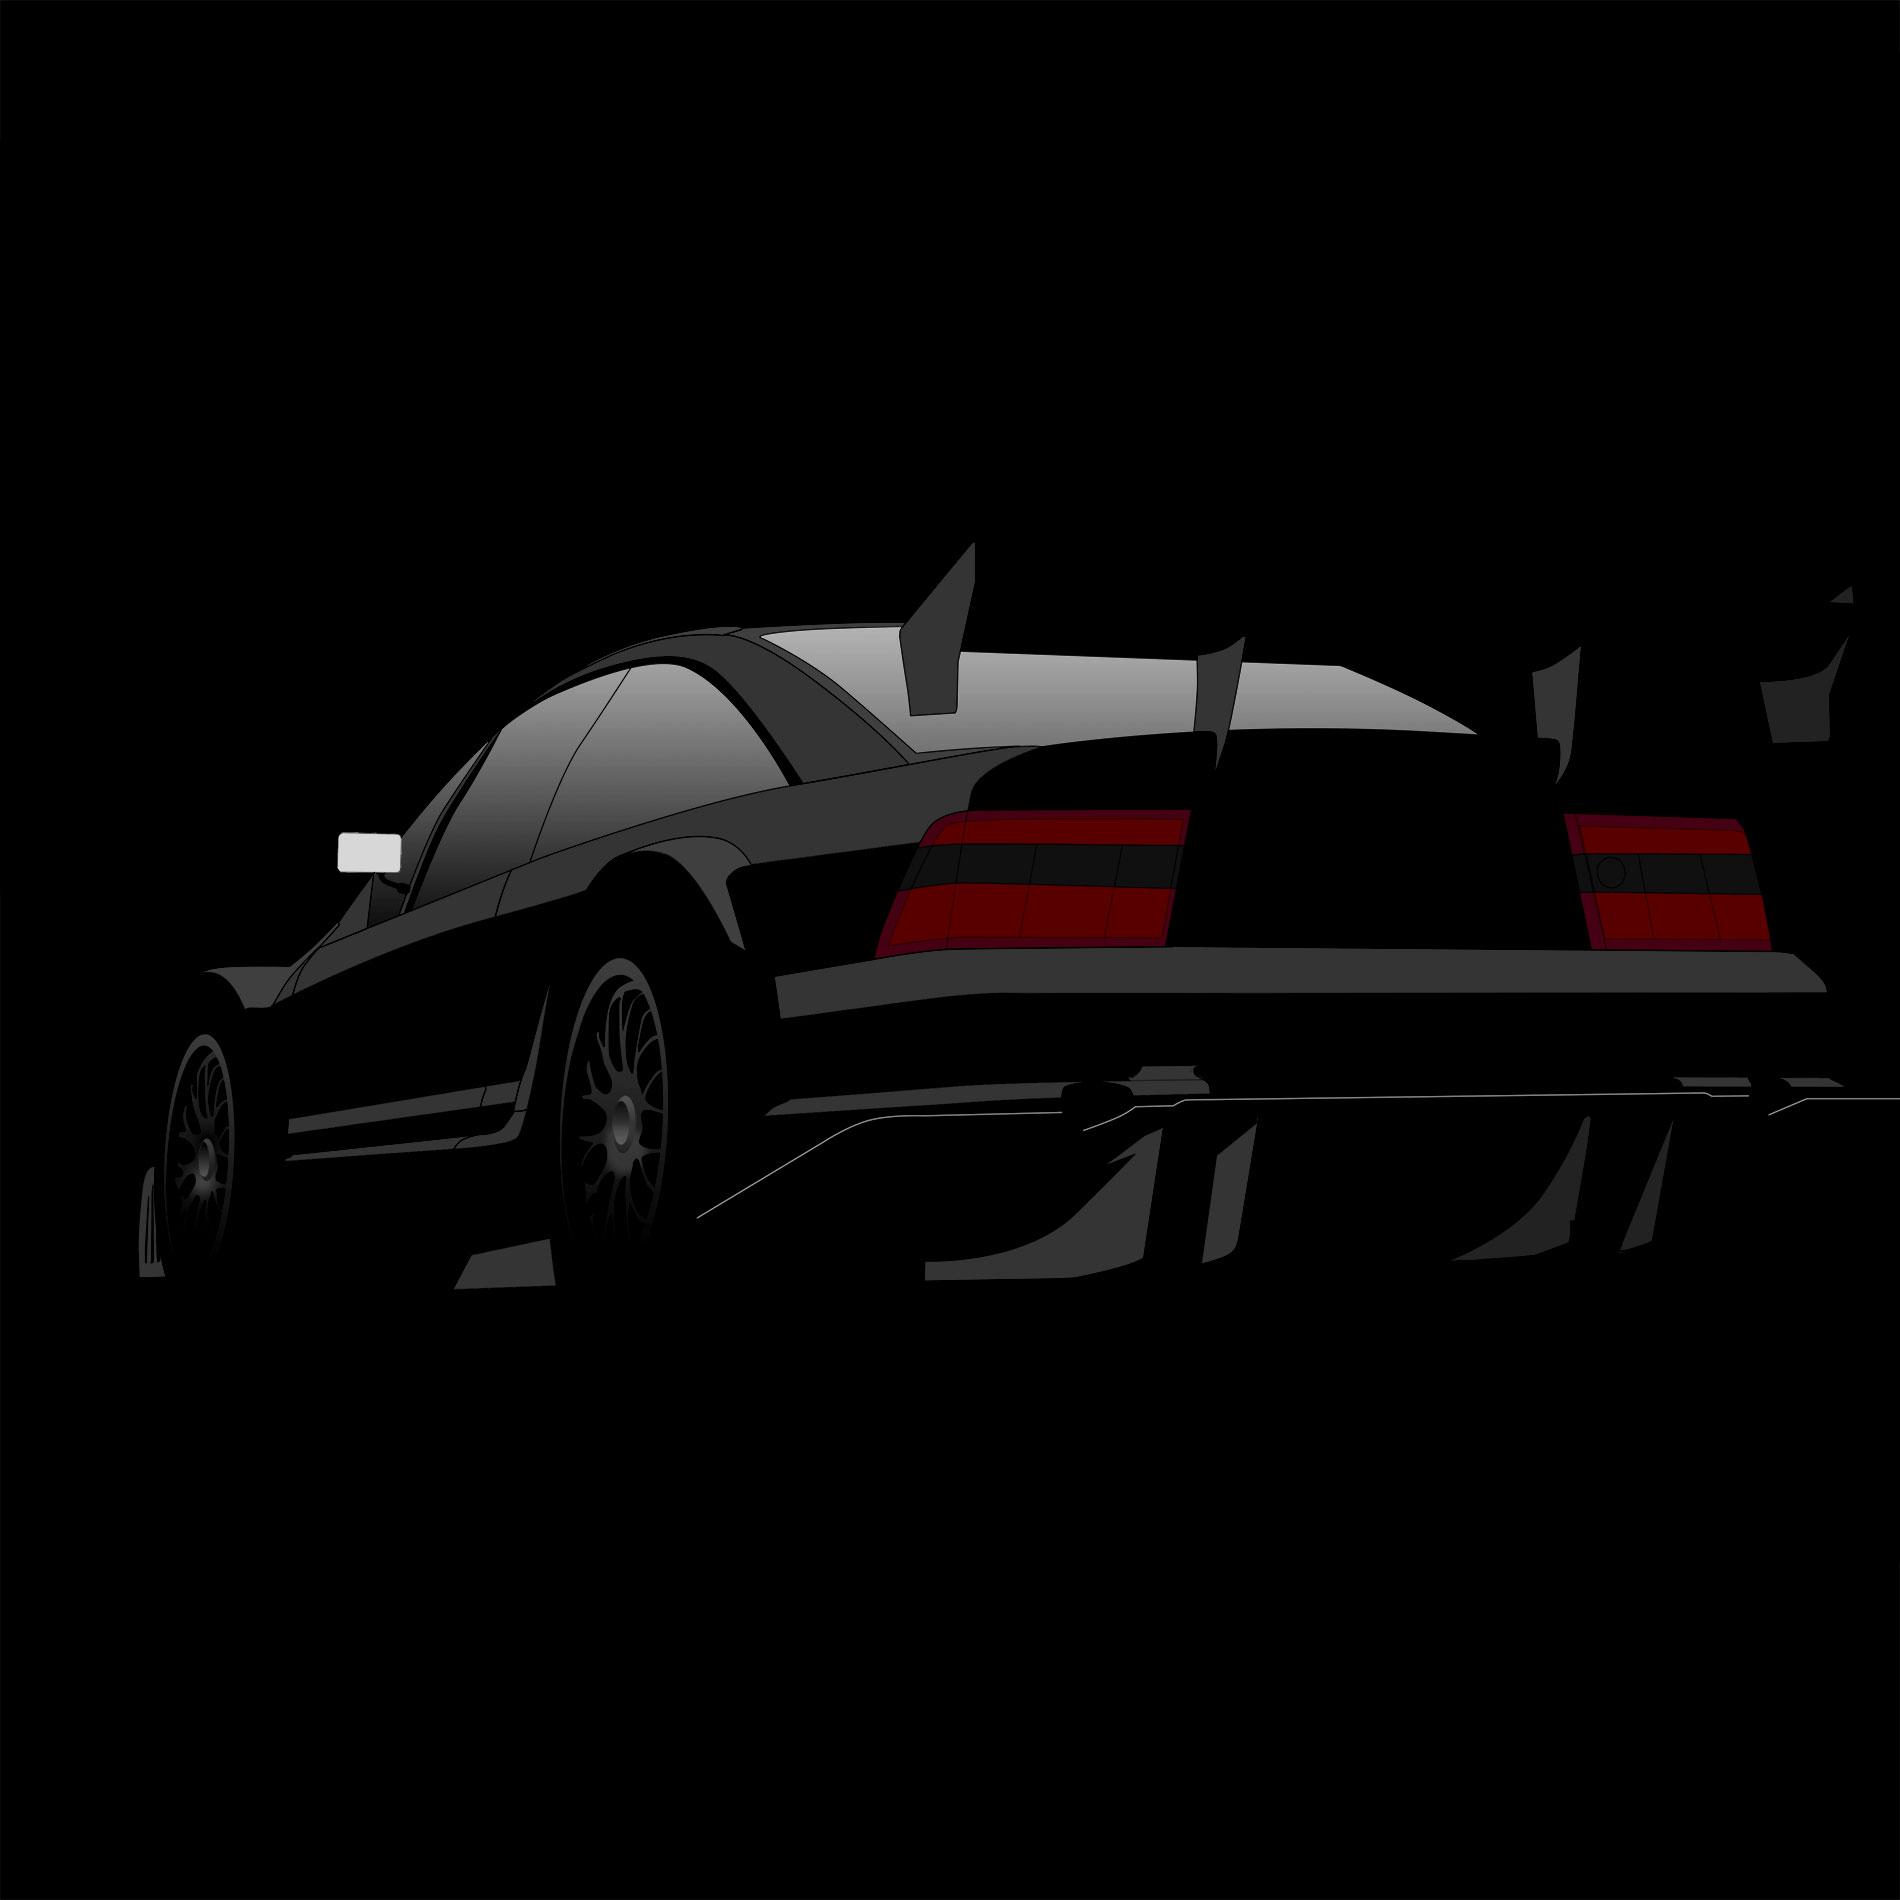 Opel Calibra V6 4×4 (DTM/ITC) – CARtoon – stegotoon